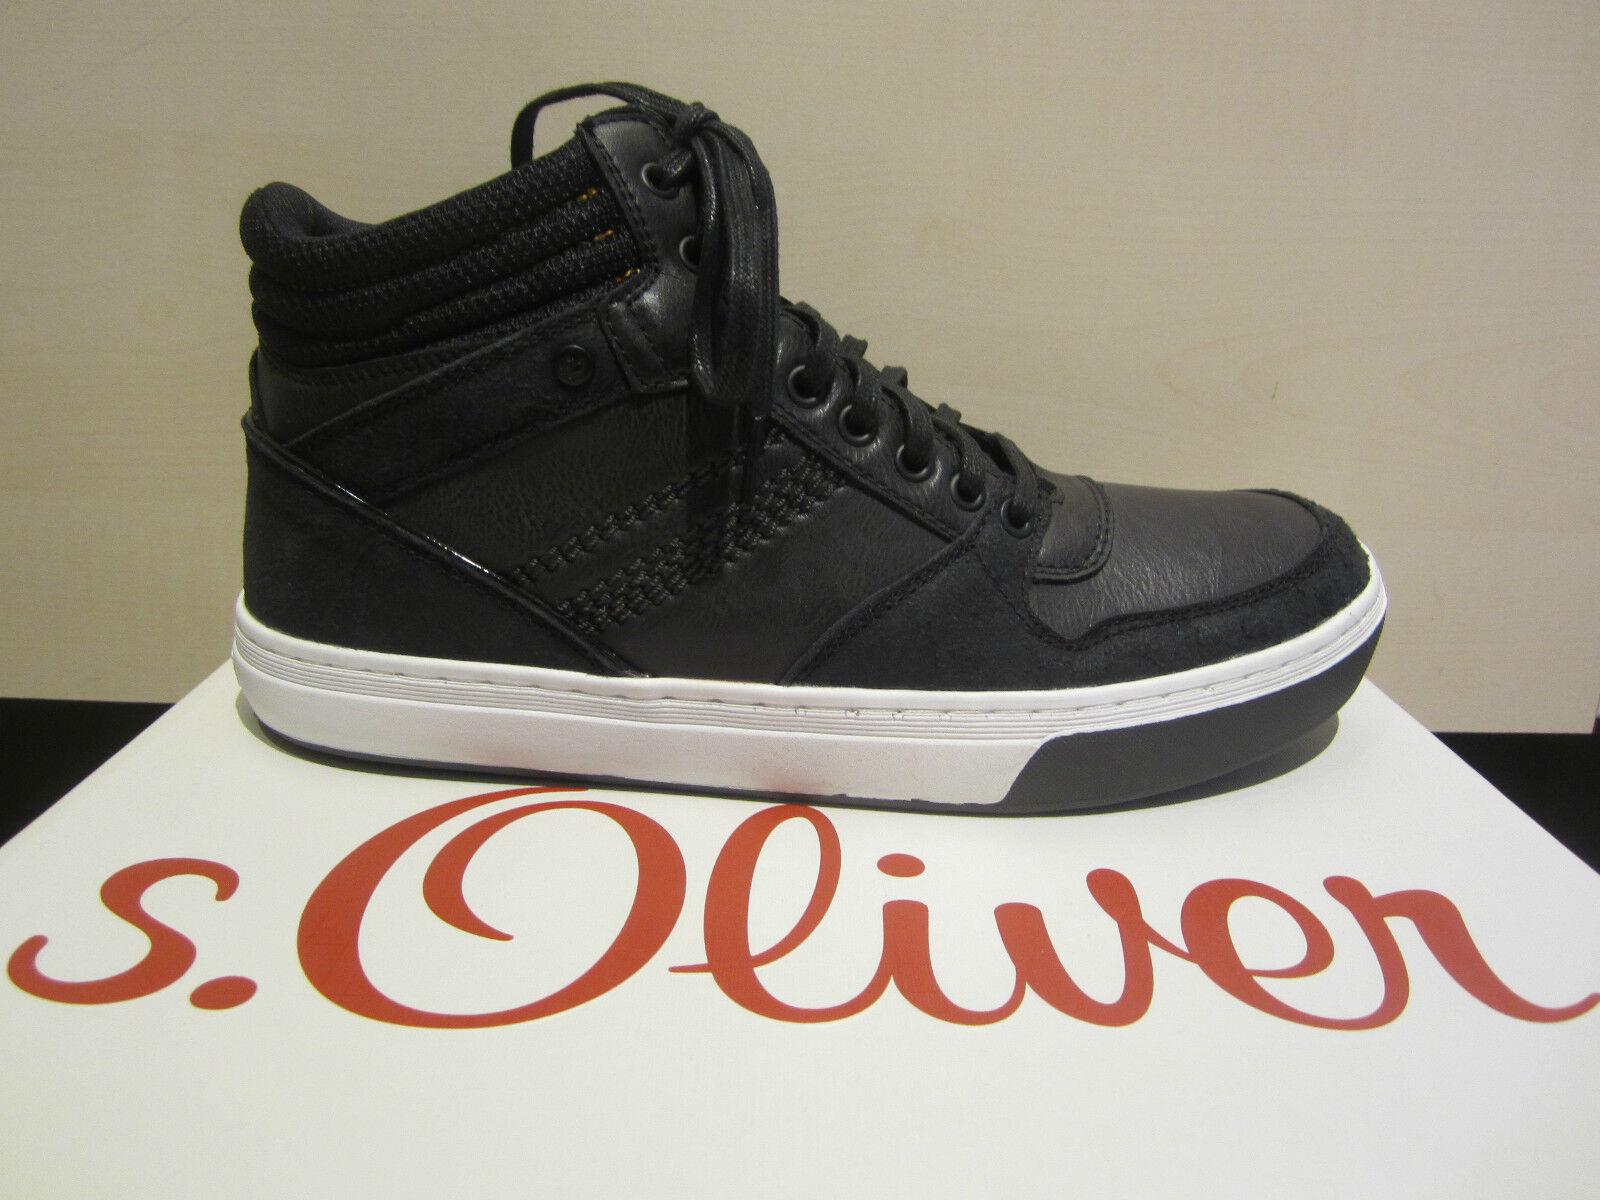 S. Oliver botas, Boots, ata, negro, forrajes textil, nuevo suela de caucho